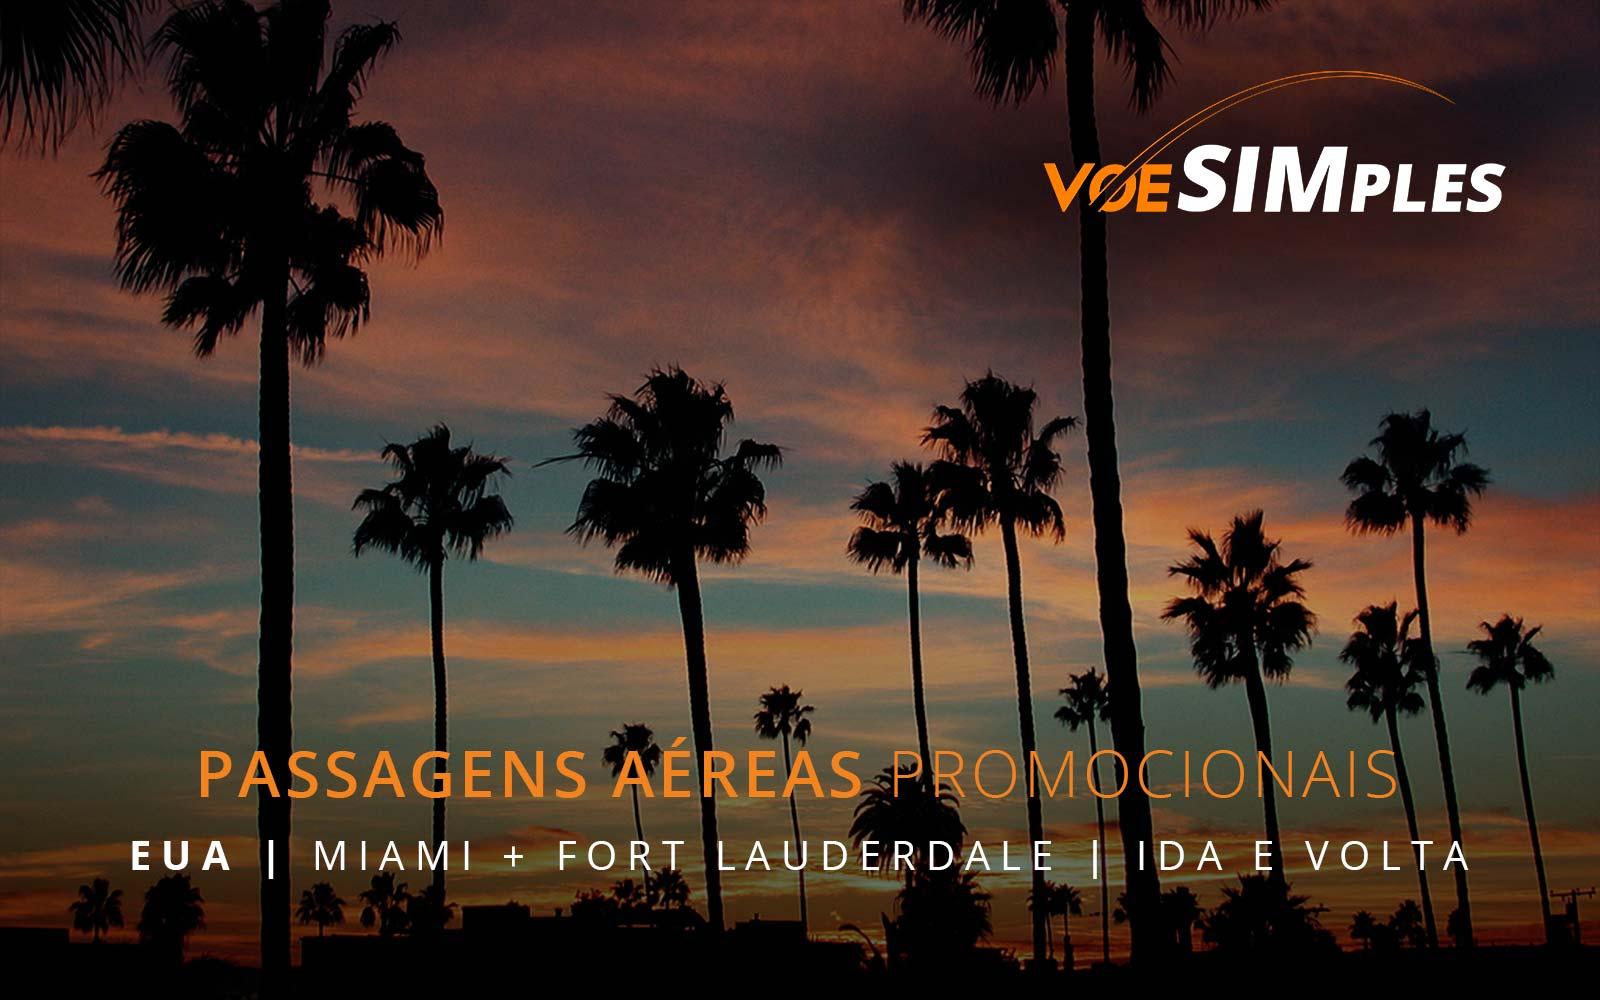 Passagens aéreas promocionais para Miami e Fort Lauderdale nos Estados Unidos